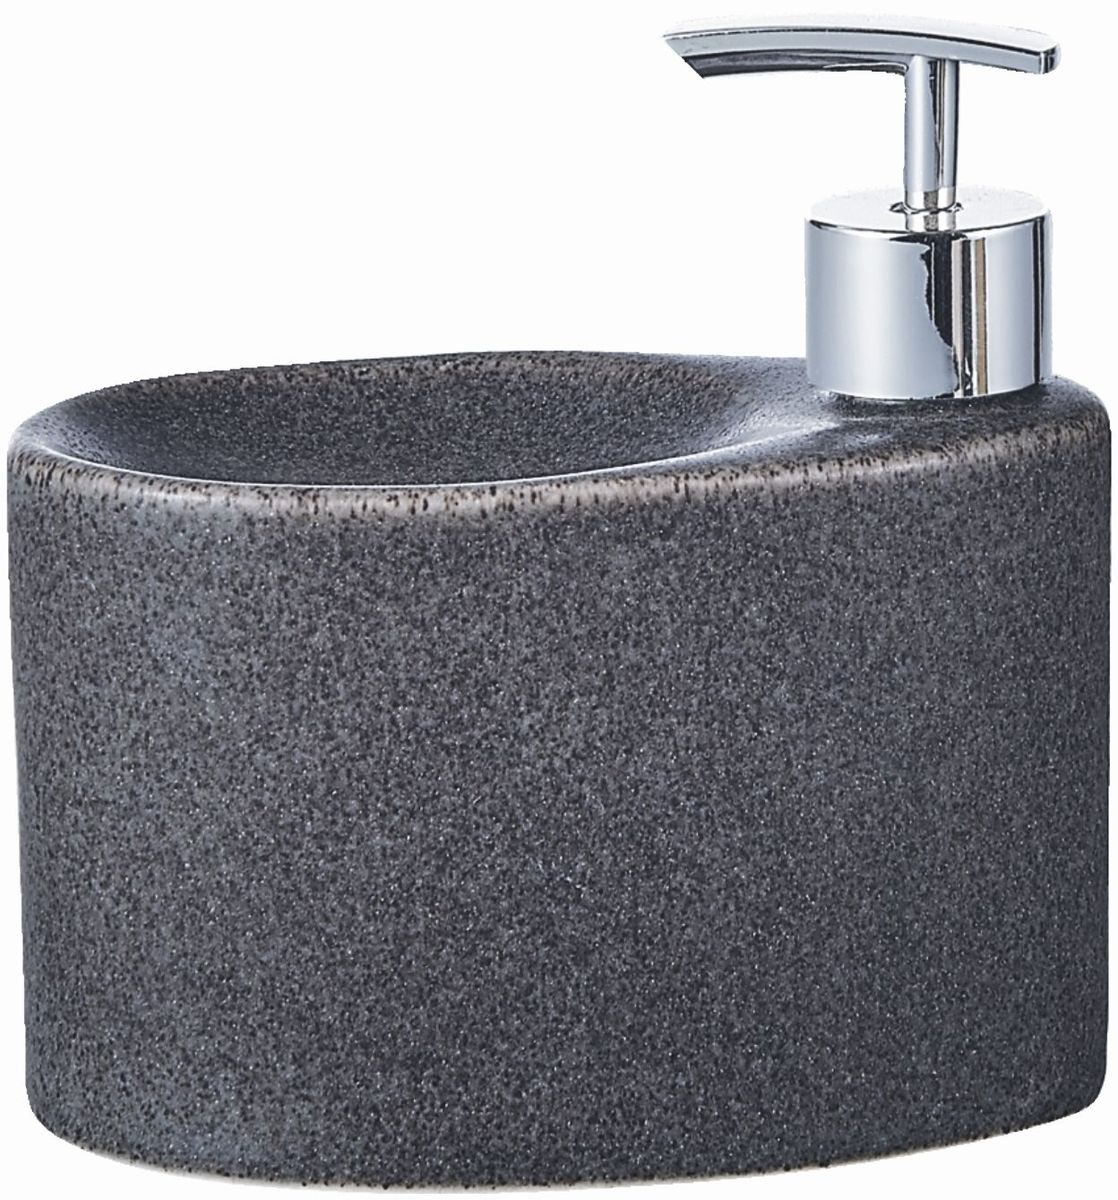 Дозатор для жидкого мыла Elrington, с подставкой для губки. FJH-10772-A202FJH-10772-A202Дозатор для жидкого мыла Elrington, изготовленный из керамики и металла, отлично подойдет для вашей ванной комнаты. Такой аксессуар очень удобен в использовании, достаточно лишь перелить жидкое мыло в дозатор, а когда необходимо использование мыла, легким нажатием выдавить нужное количество. Также изделие оснащено подставкой под губку.Дозатор для жидкого мыла Elrington создаст особую атмосферу уюта и максимального комфорта в ванной.